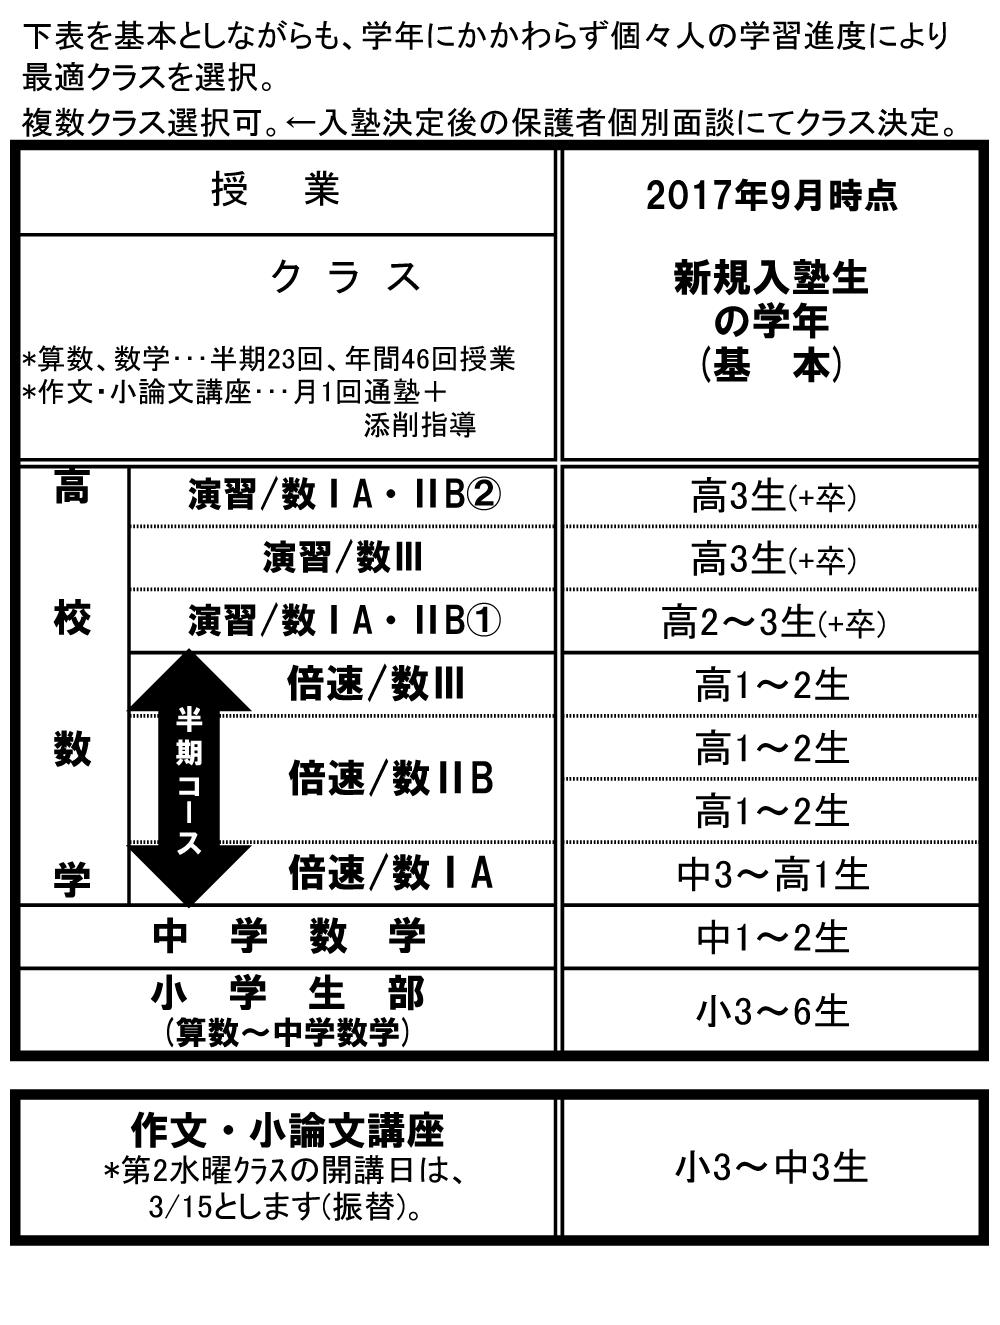 新規入塾生のクラス対応表